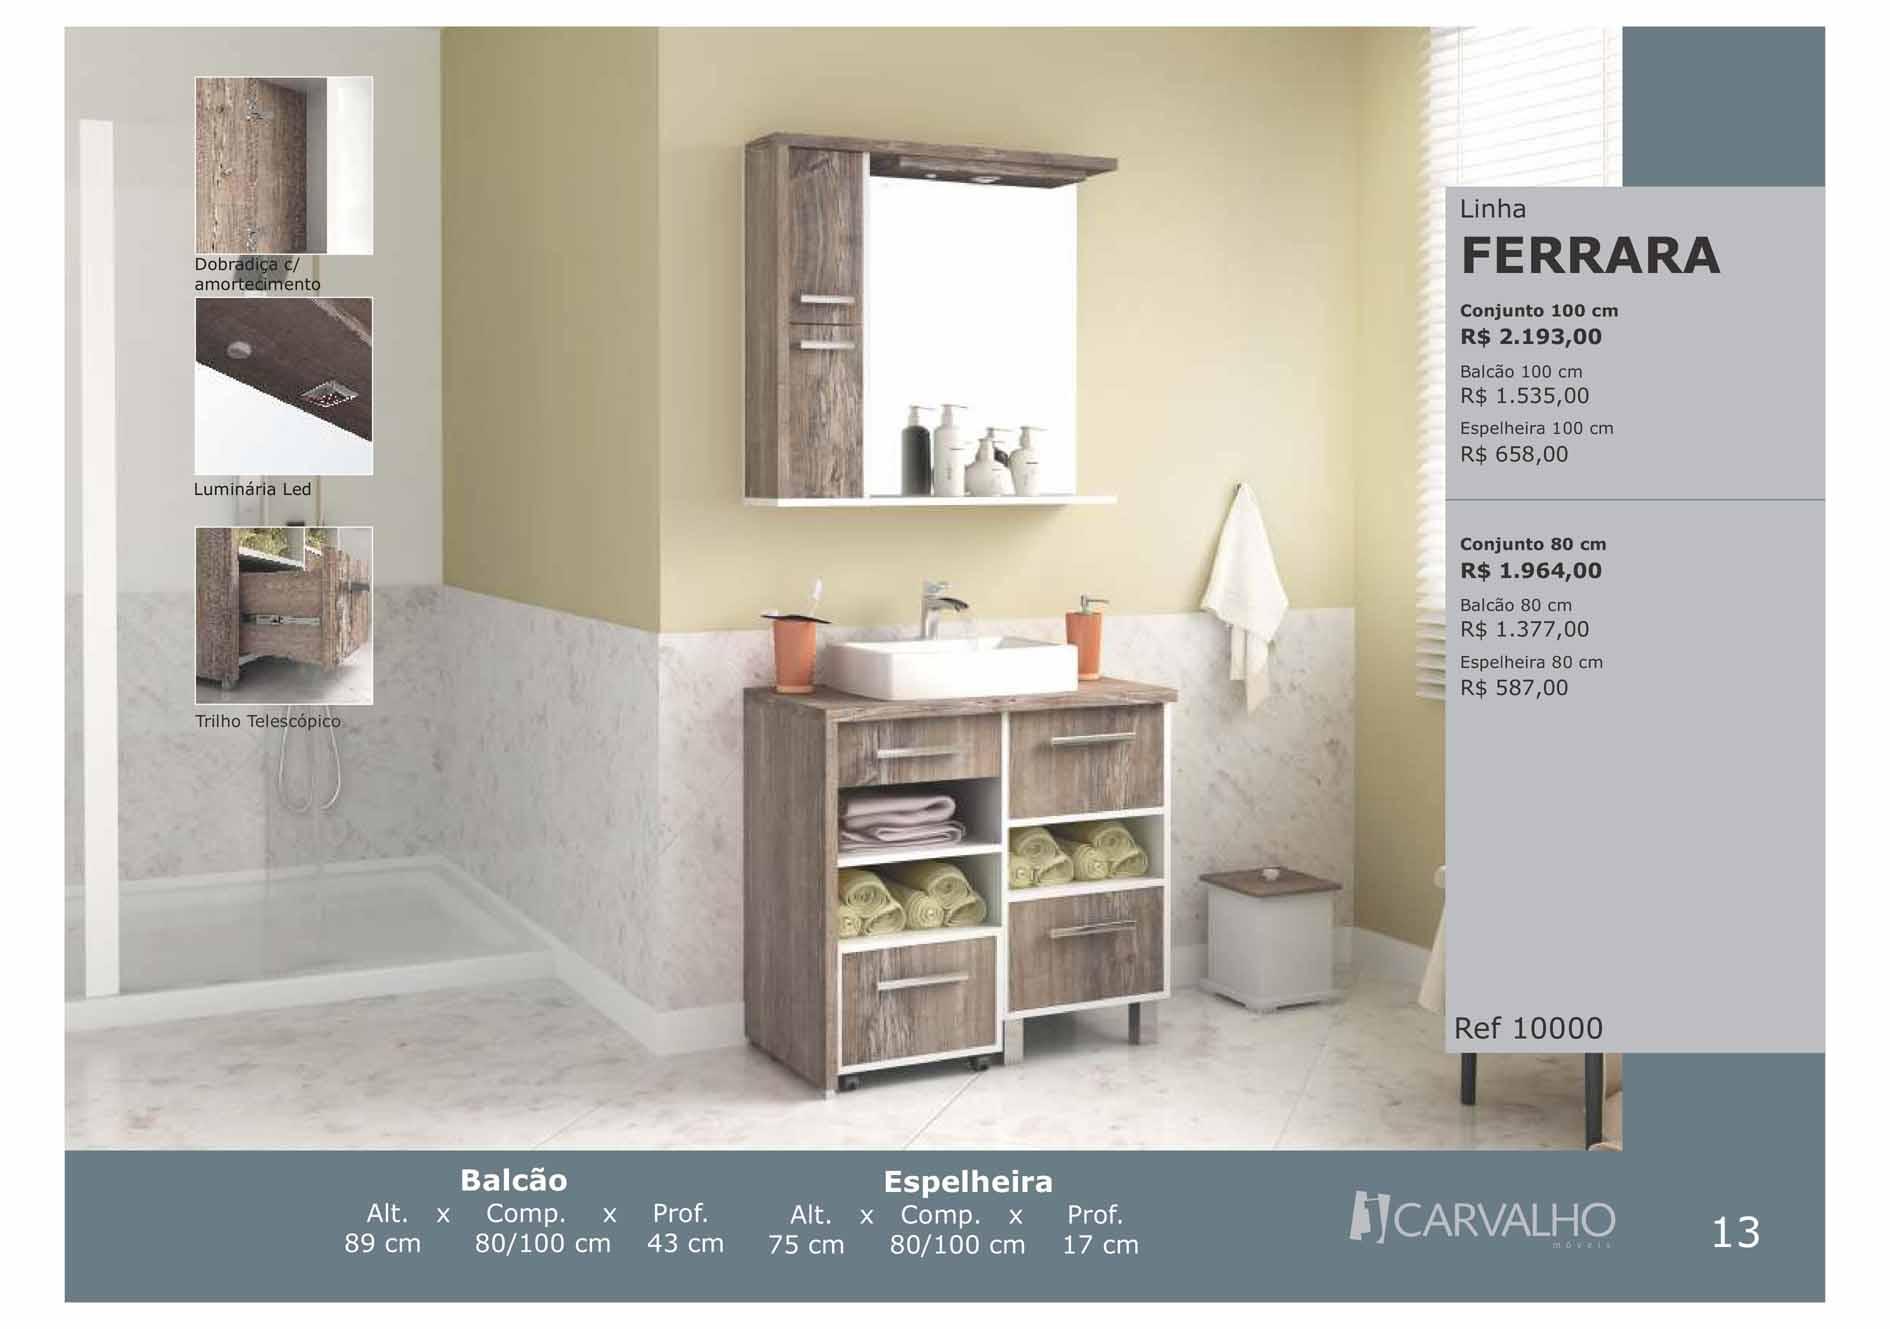 Ferrara Ref 10000